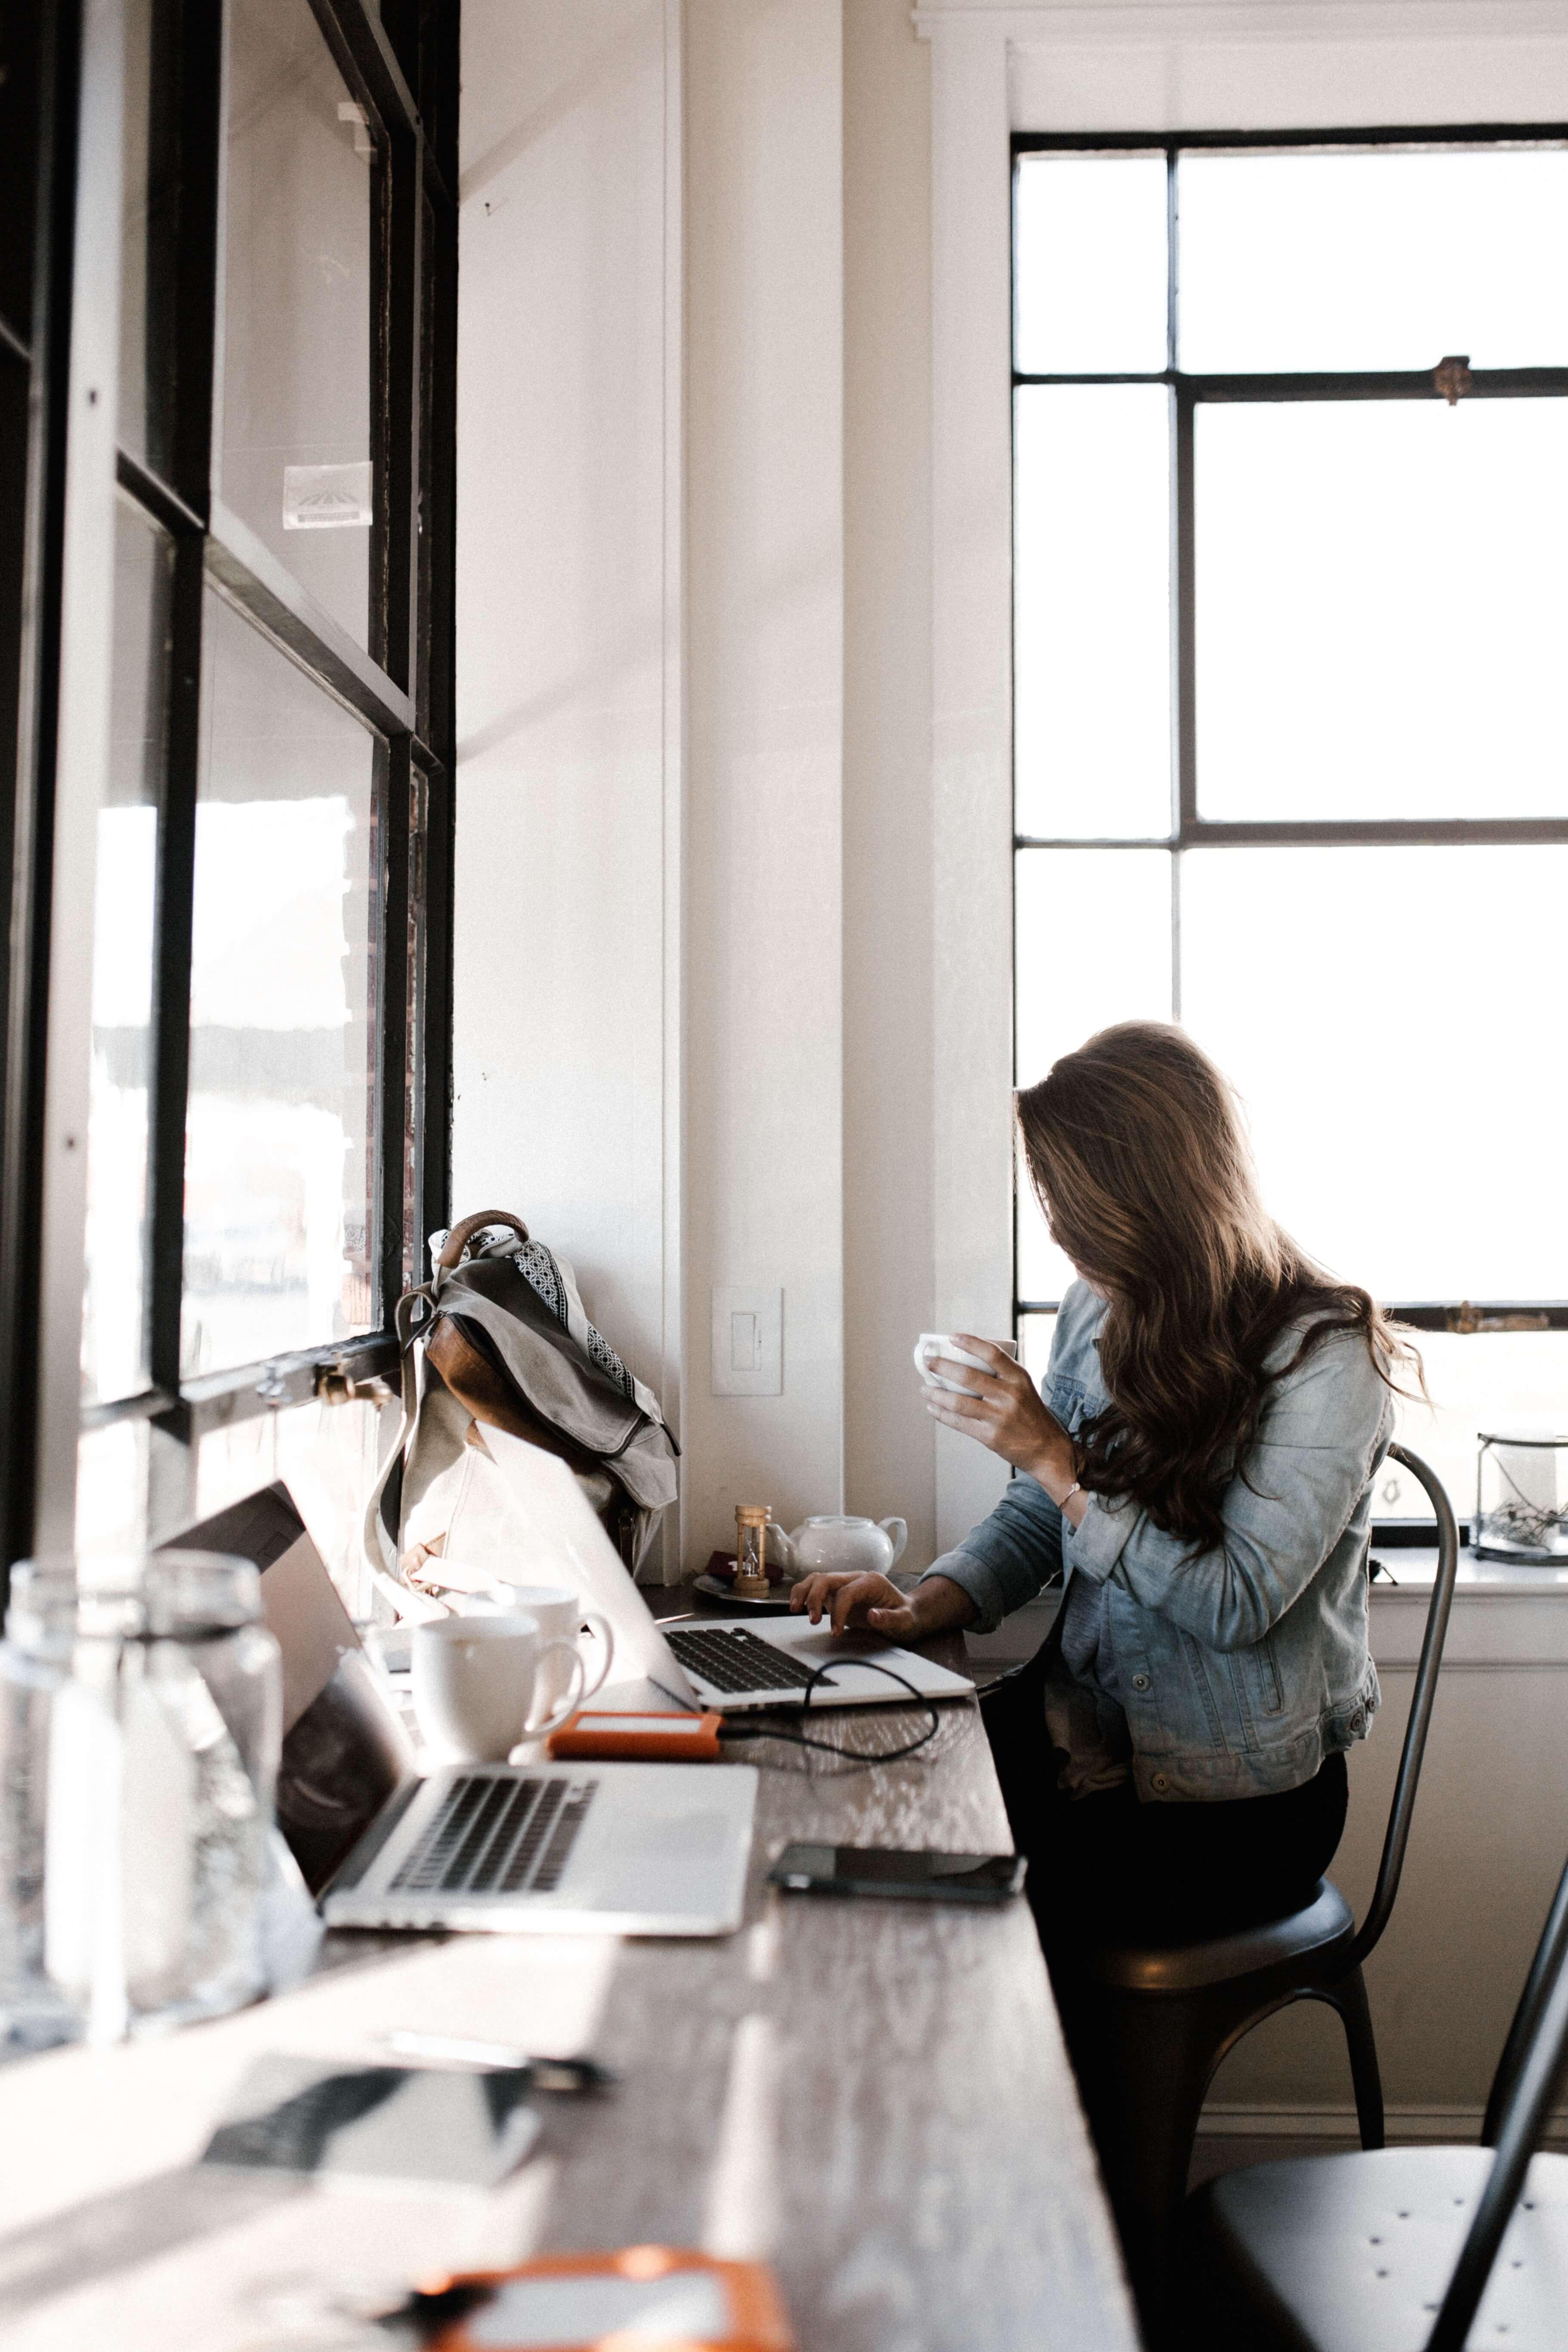 Professional Interior Designer, Interior Design Business Coach,